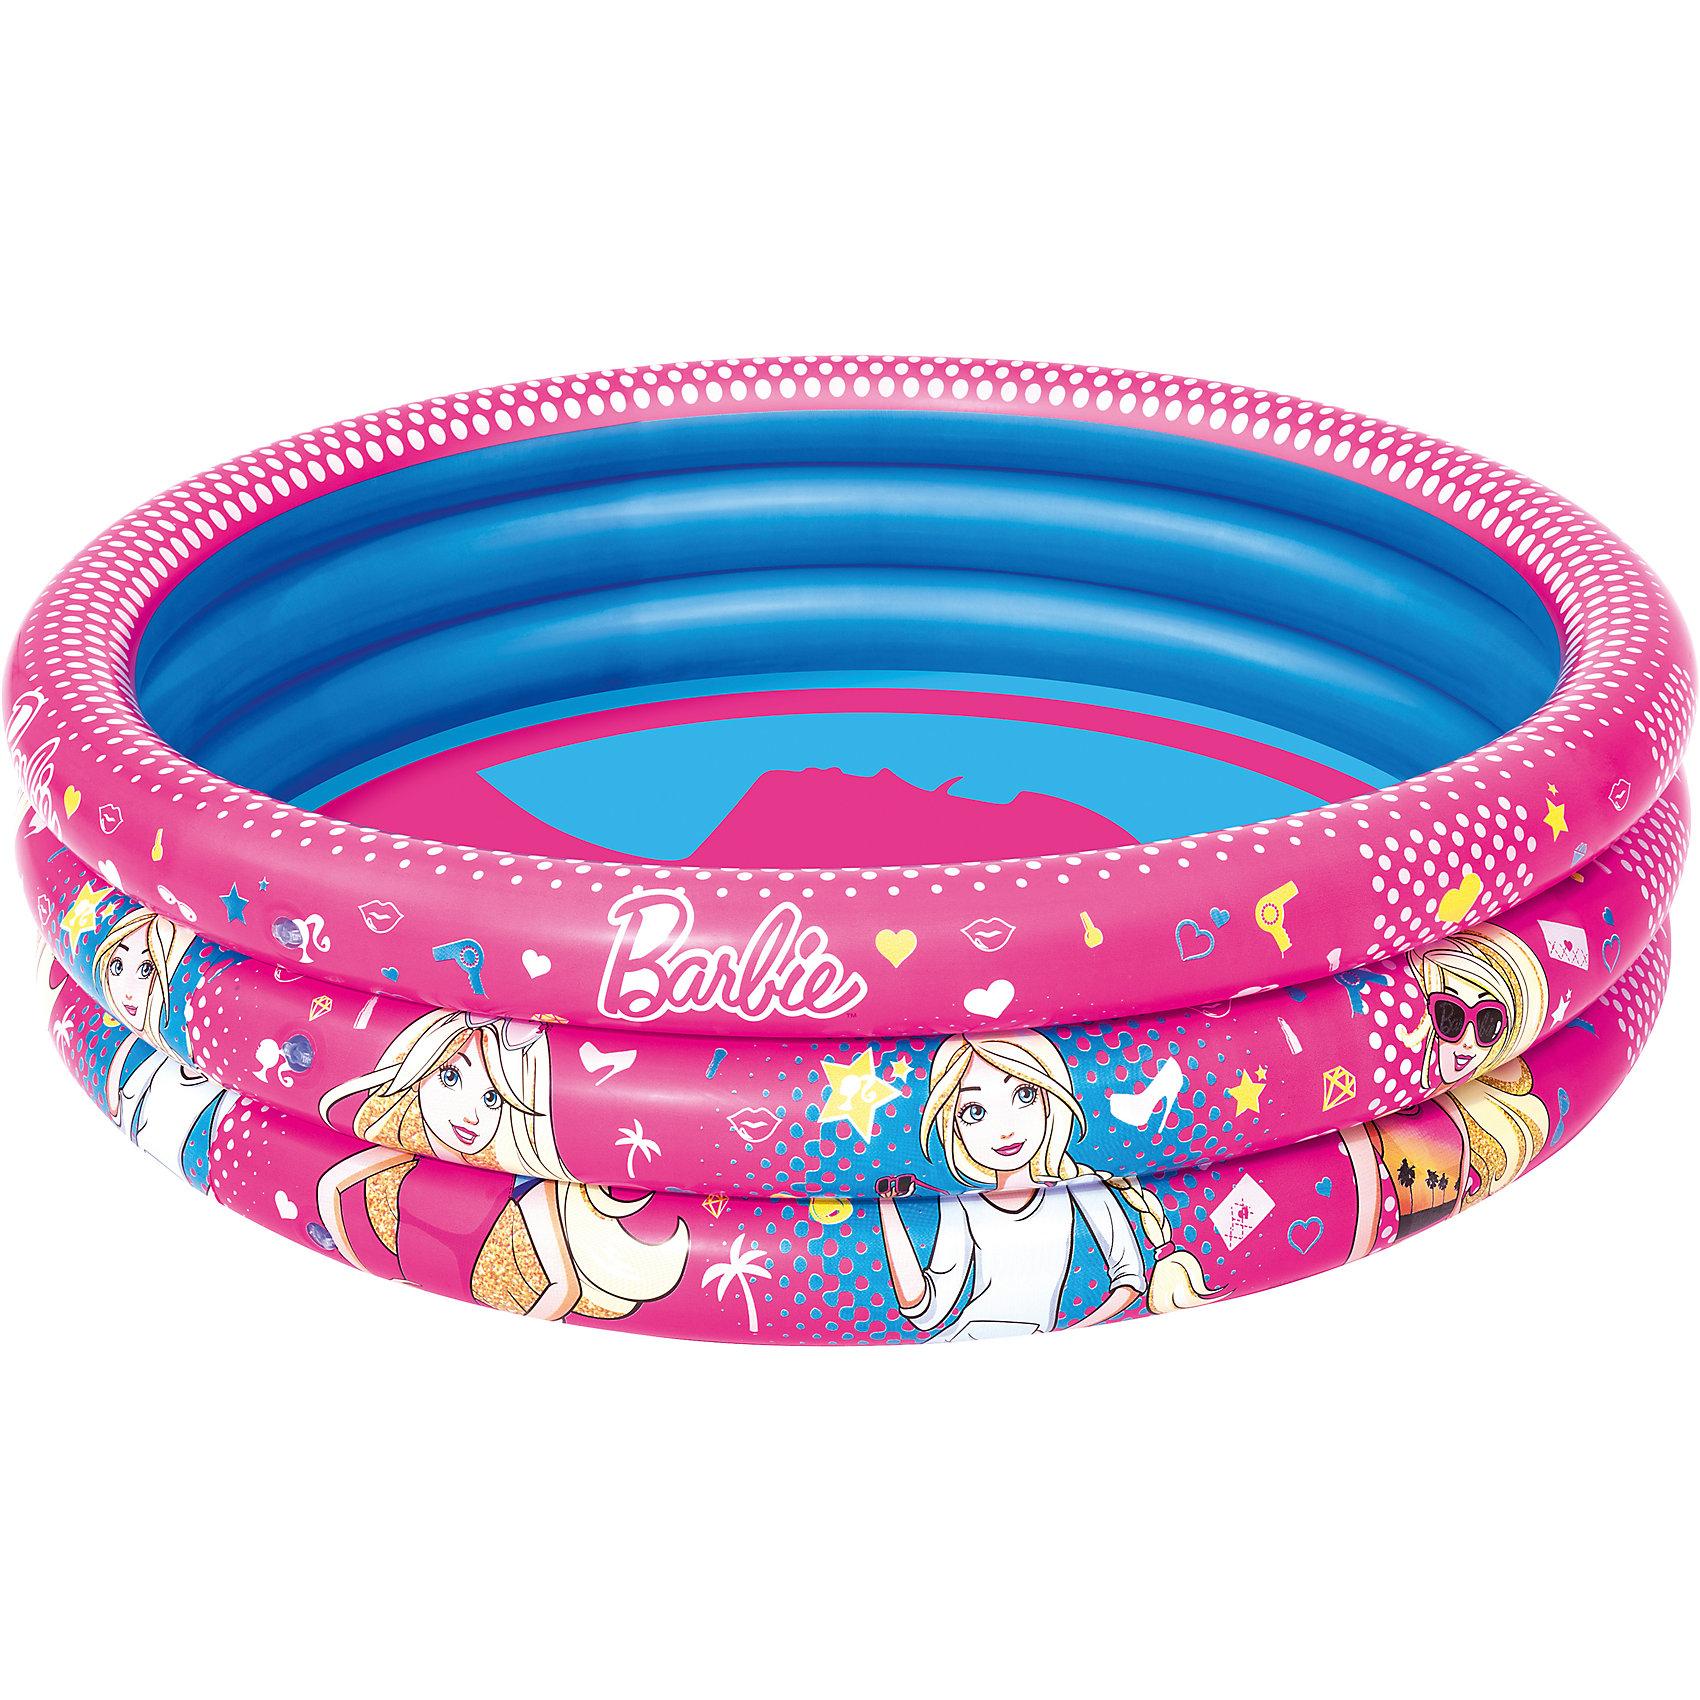 Надувной бассейн, 200 л, Barbie, BestwayБассейны<br>Надувной бассейн, 200 л, Barbie, Bestway (Бествей)<br><br>Характеристики:<br><br>• прочный и устойчивый<br>• объем: 200 литров<br>• материал: ПВХ<br>• размер: 122х30 см<br>• размер упаковки: 6х24,5х23,5 см<br>• вес: 1 кг<br><br>В надувном бассейне очень весело плескаться в жаркий день! Малыши с радостью будут играть и веселиться, а изображение любимых Барби непременно поднимет настроение. Бассейн изготовлен из прочного ПВХ. Он устойчиво стоит на гладкой поверхности. Объем бассейна - 200 литров.<br><br>Надувной бассейн, 200 л, Barbie, Bestway (Бествей) вы можете купить в нашем интернет-магазине.<br><br>Ширина мм: 480<br>Глубина мм: 350<br>Высота мм: 260<br>Вес г: 994<br>Возраст от месяцев: 24<br>Возраст до месяцев: 2147483647<br>Пол: Женский<br>Возраст: Детский<br>SKU: 5486972